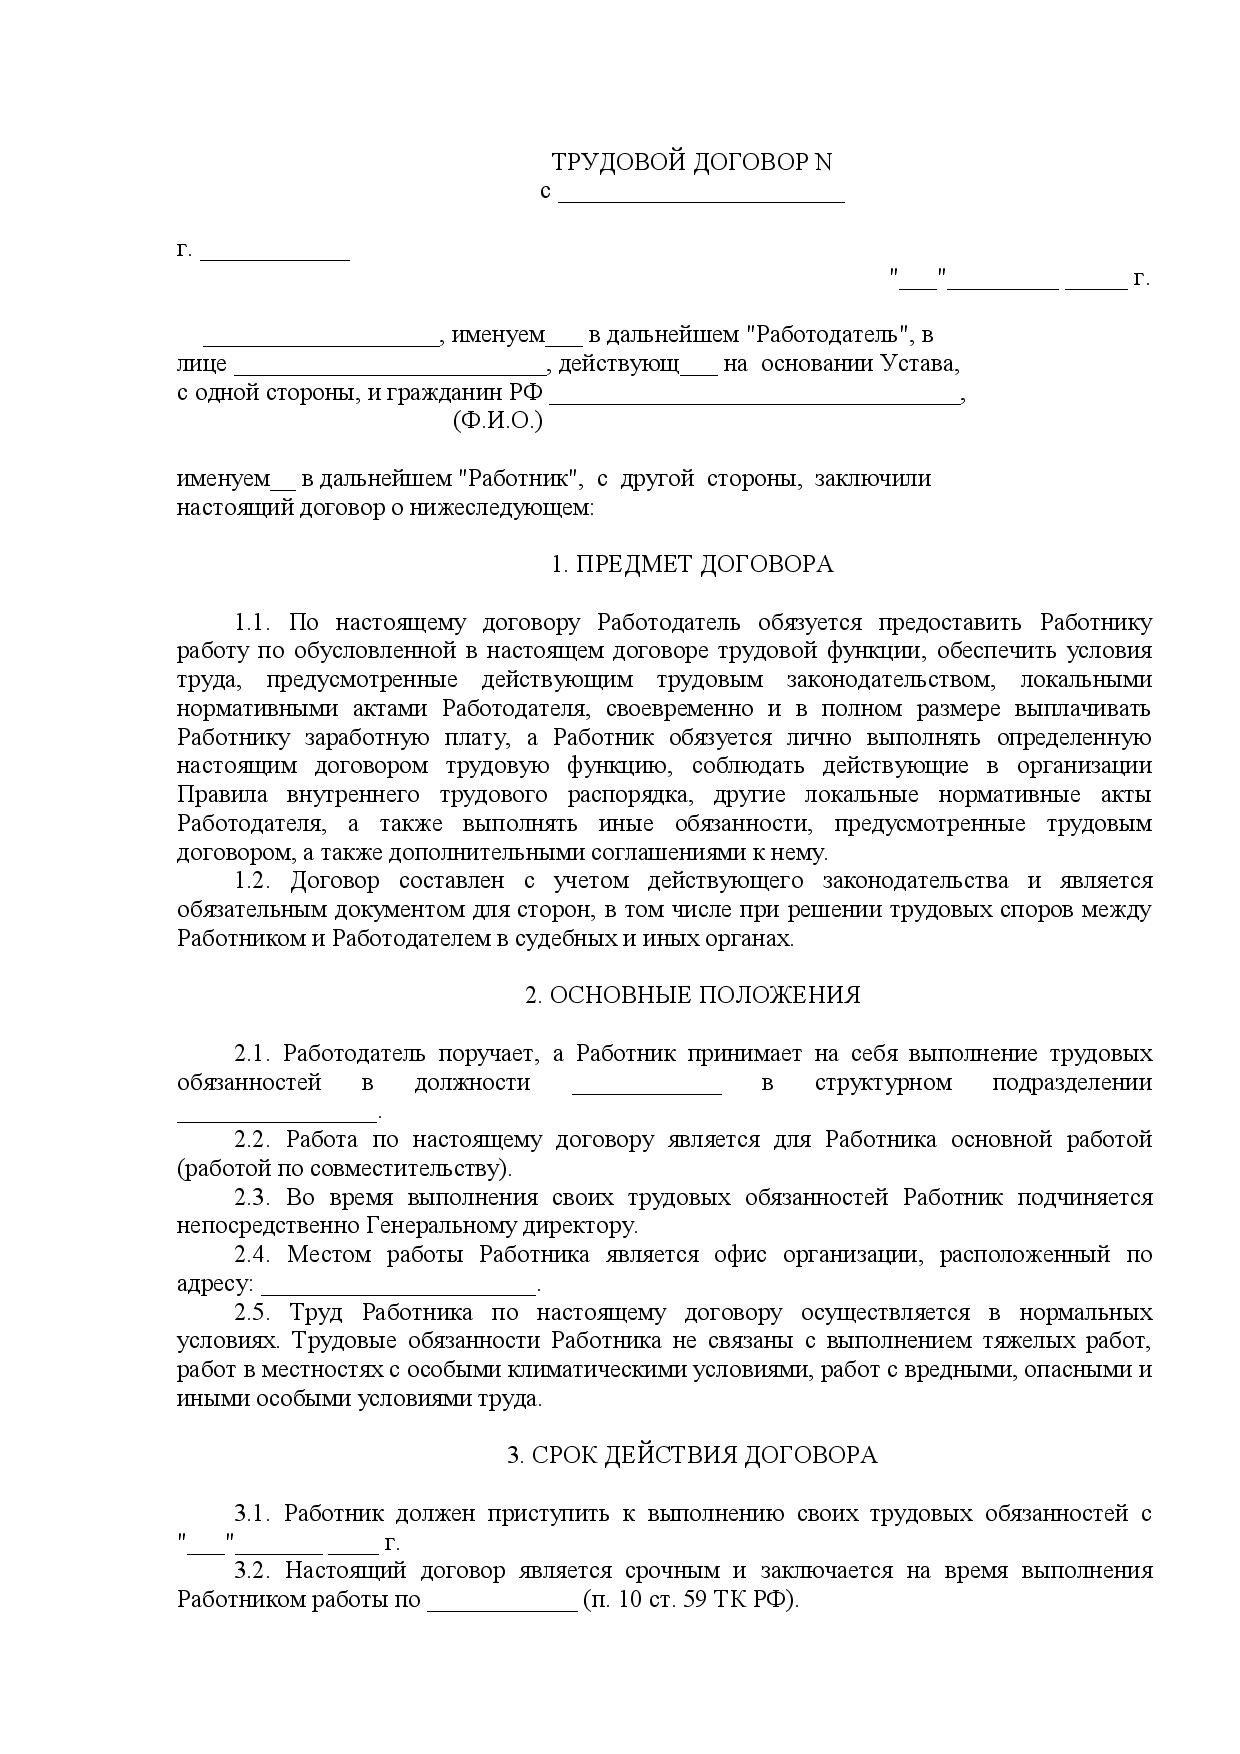 Ип трудовой договор с продавцом образец помощь в получении автокредита екатеринбург